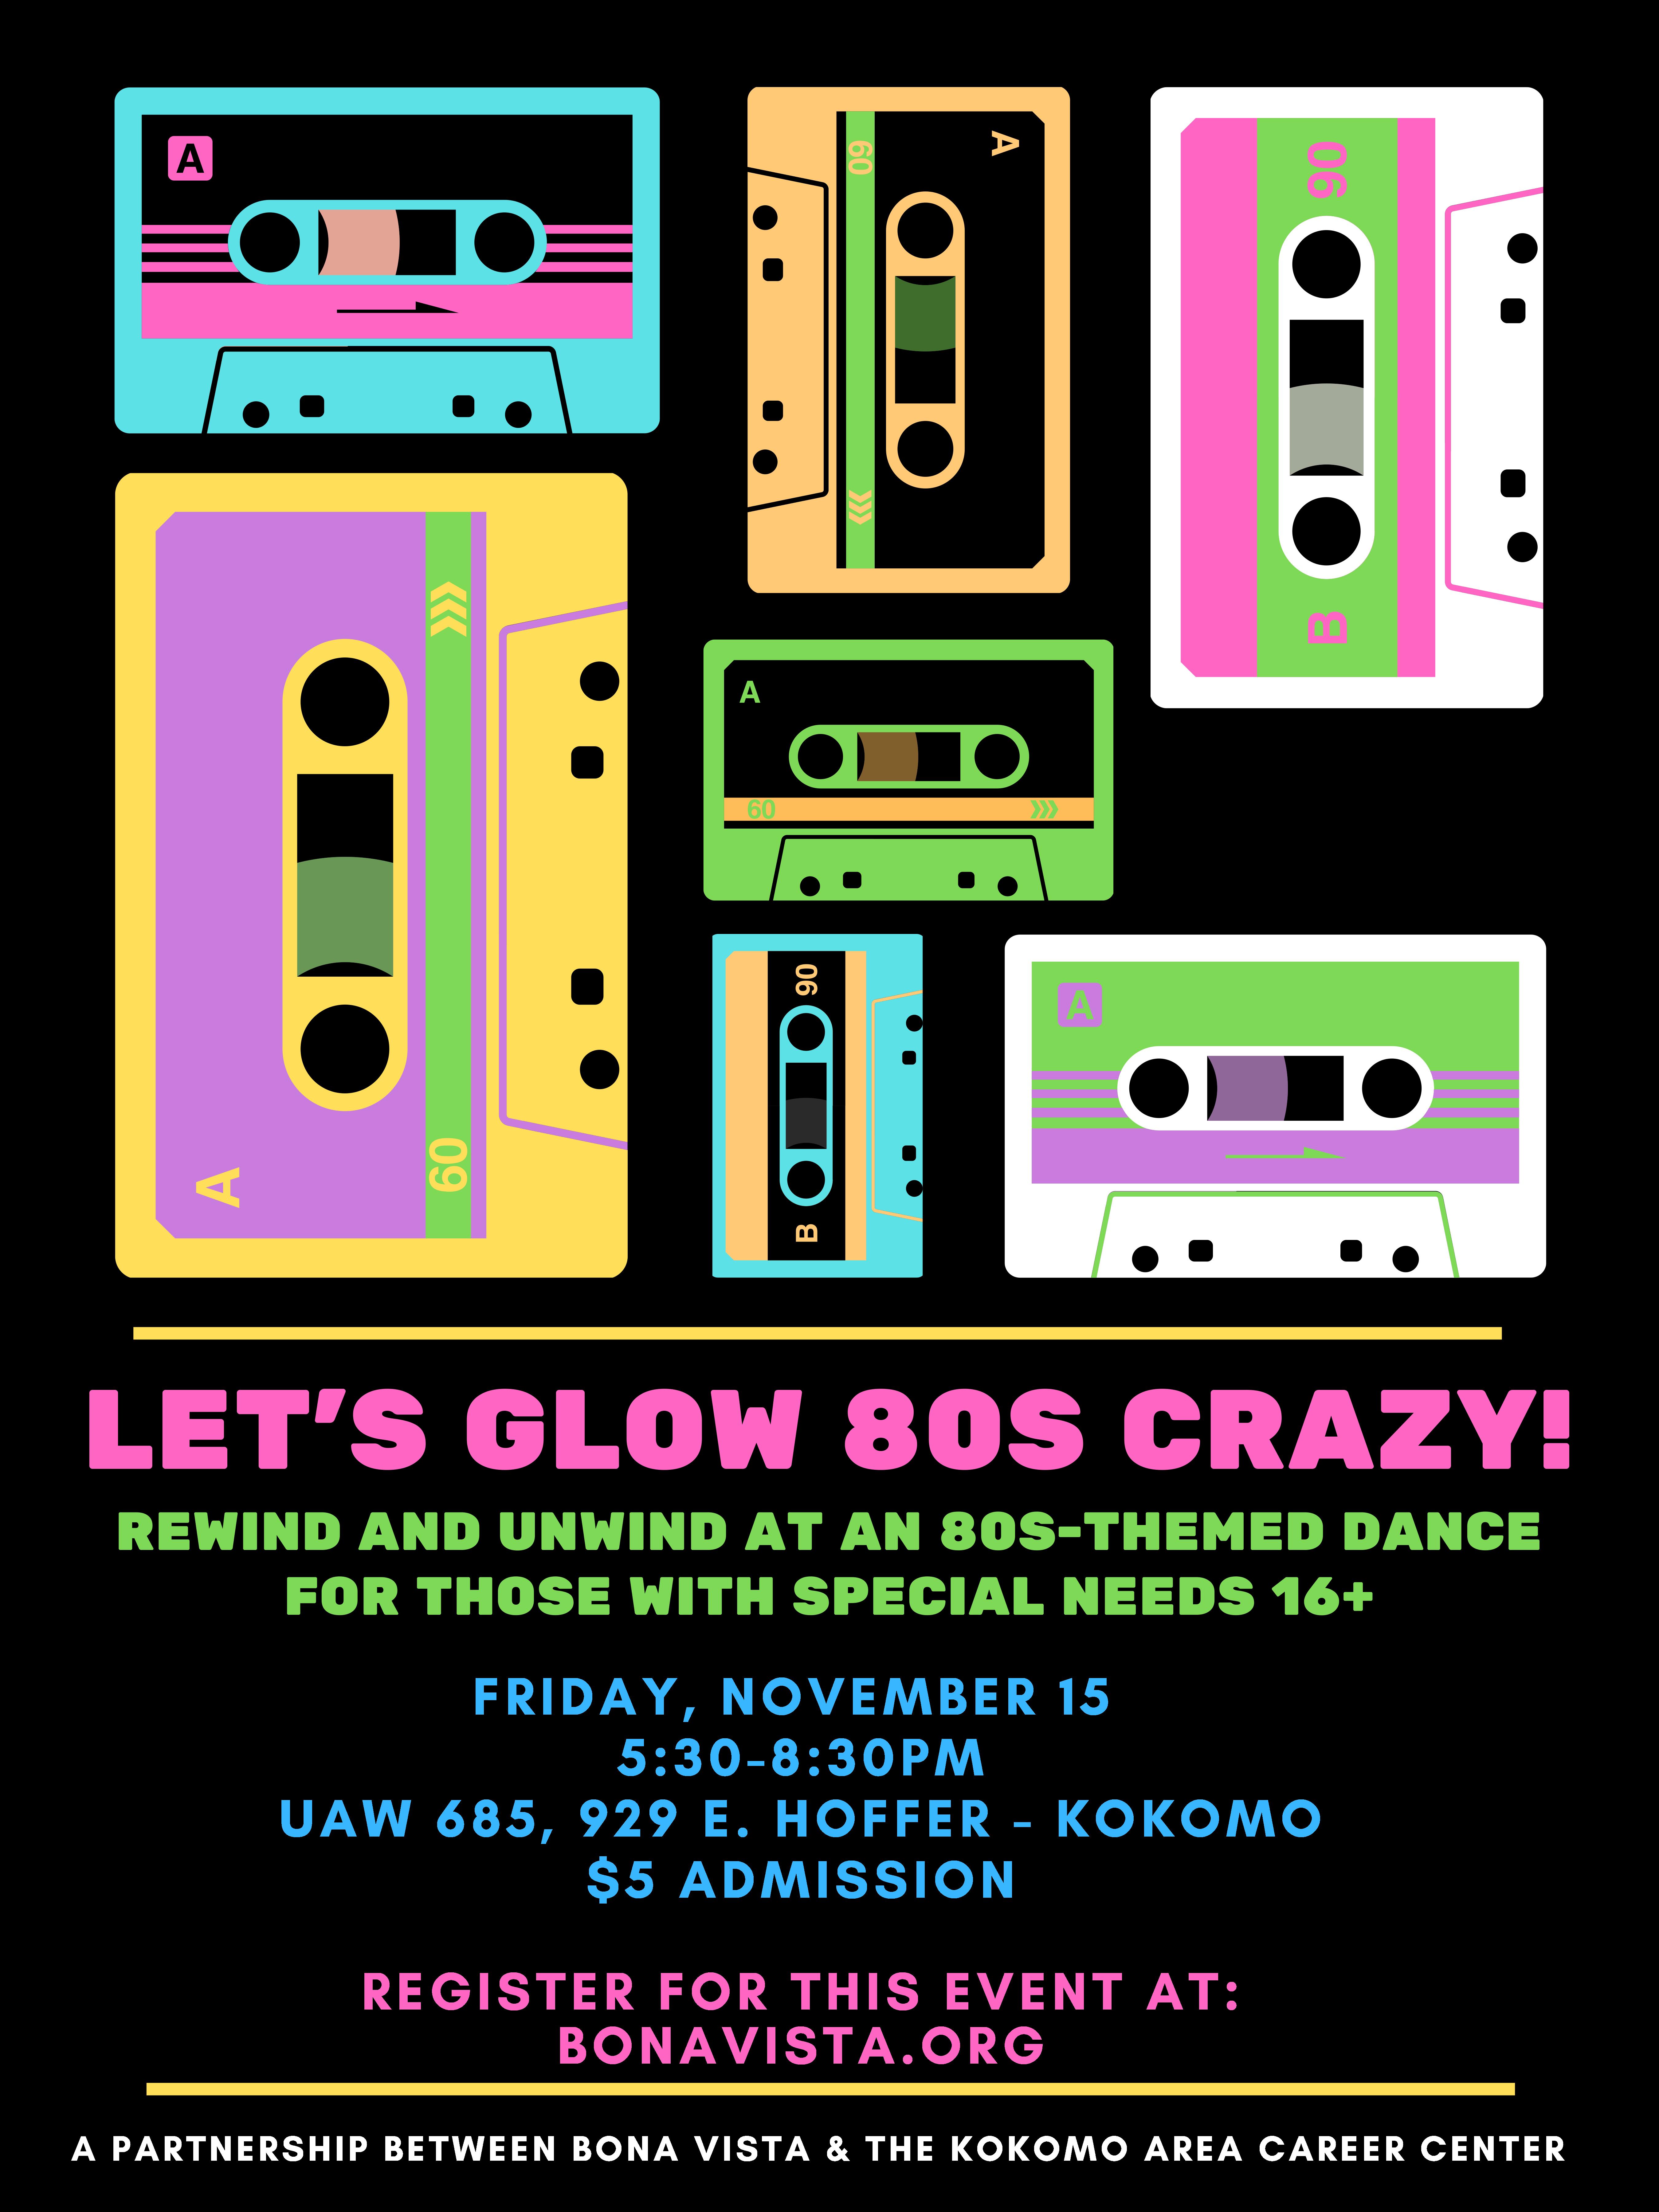 Let's glow 80's crazy!